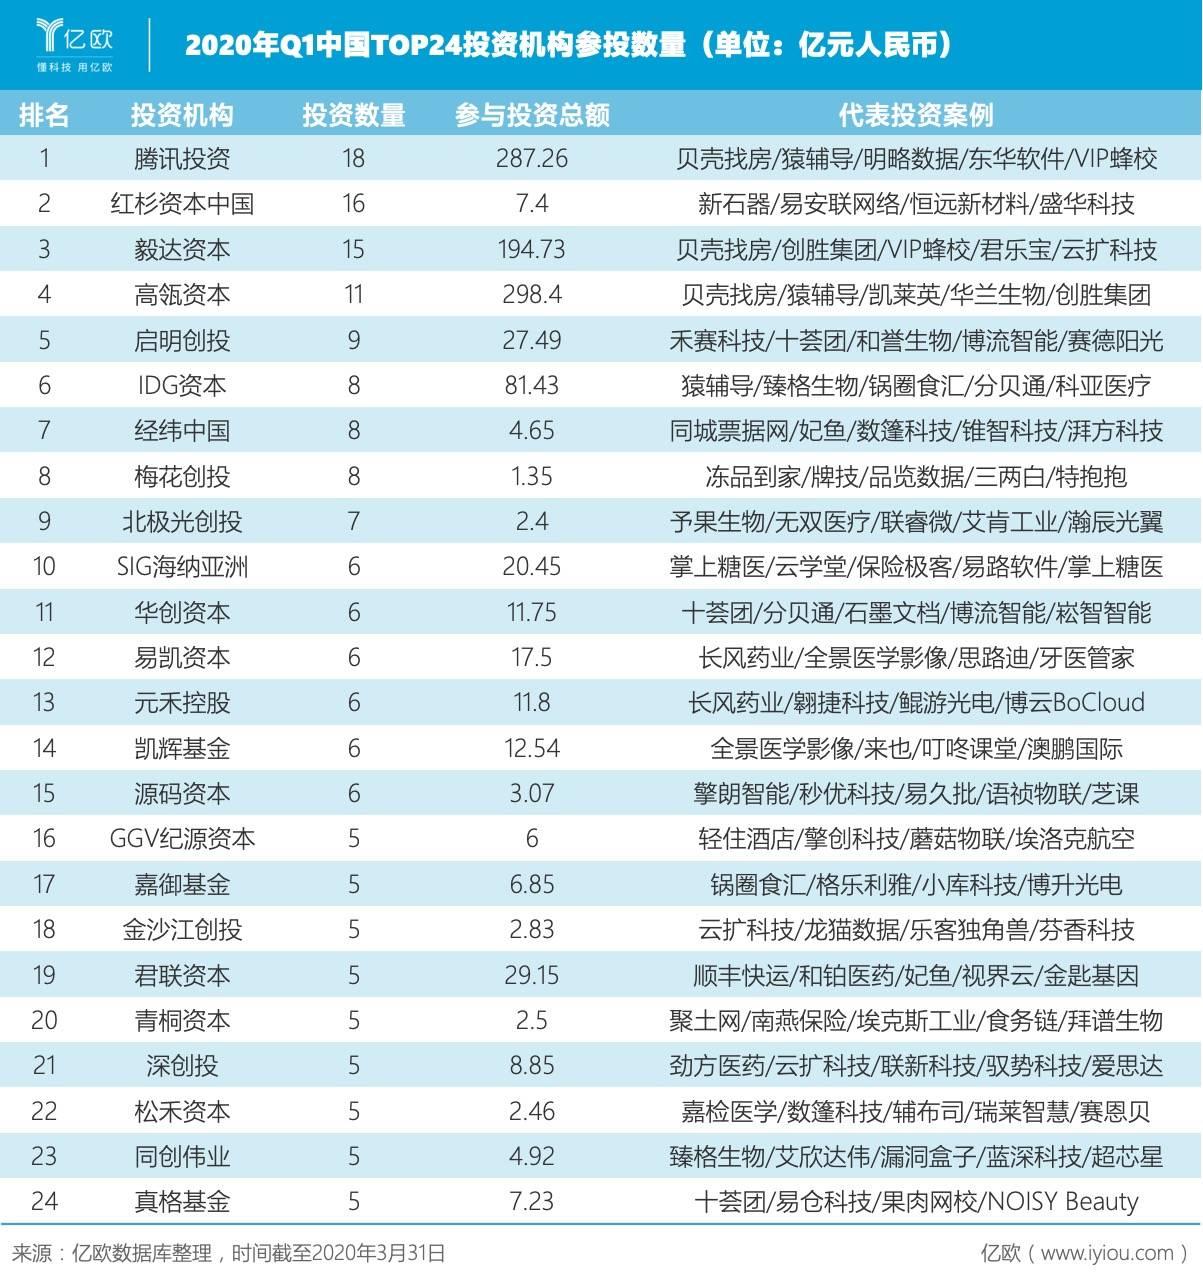 2020年Q1中国TOP24投资机构参投数目(单位:亿元人民币).jpeg